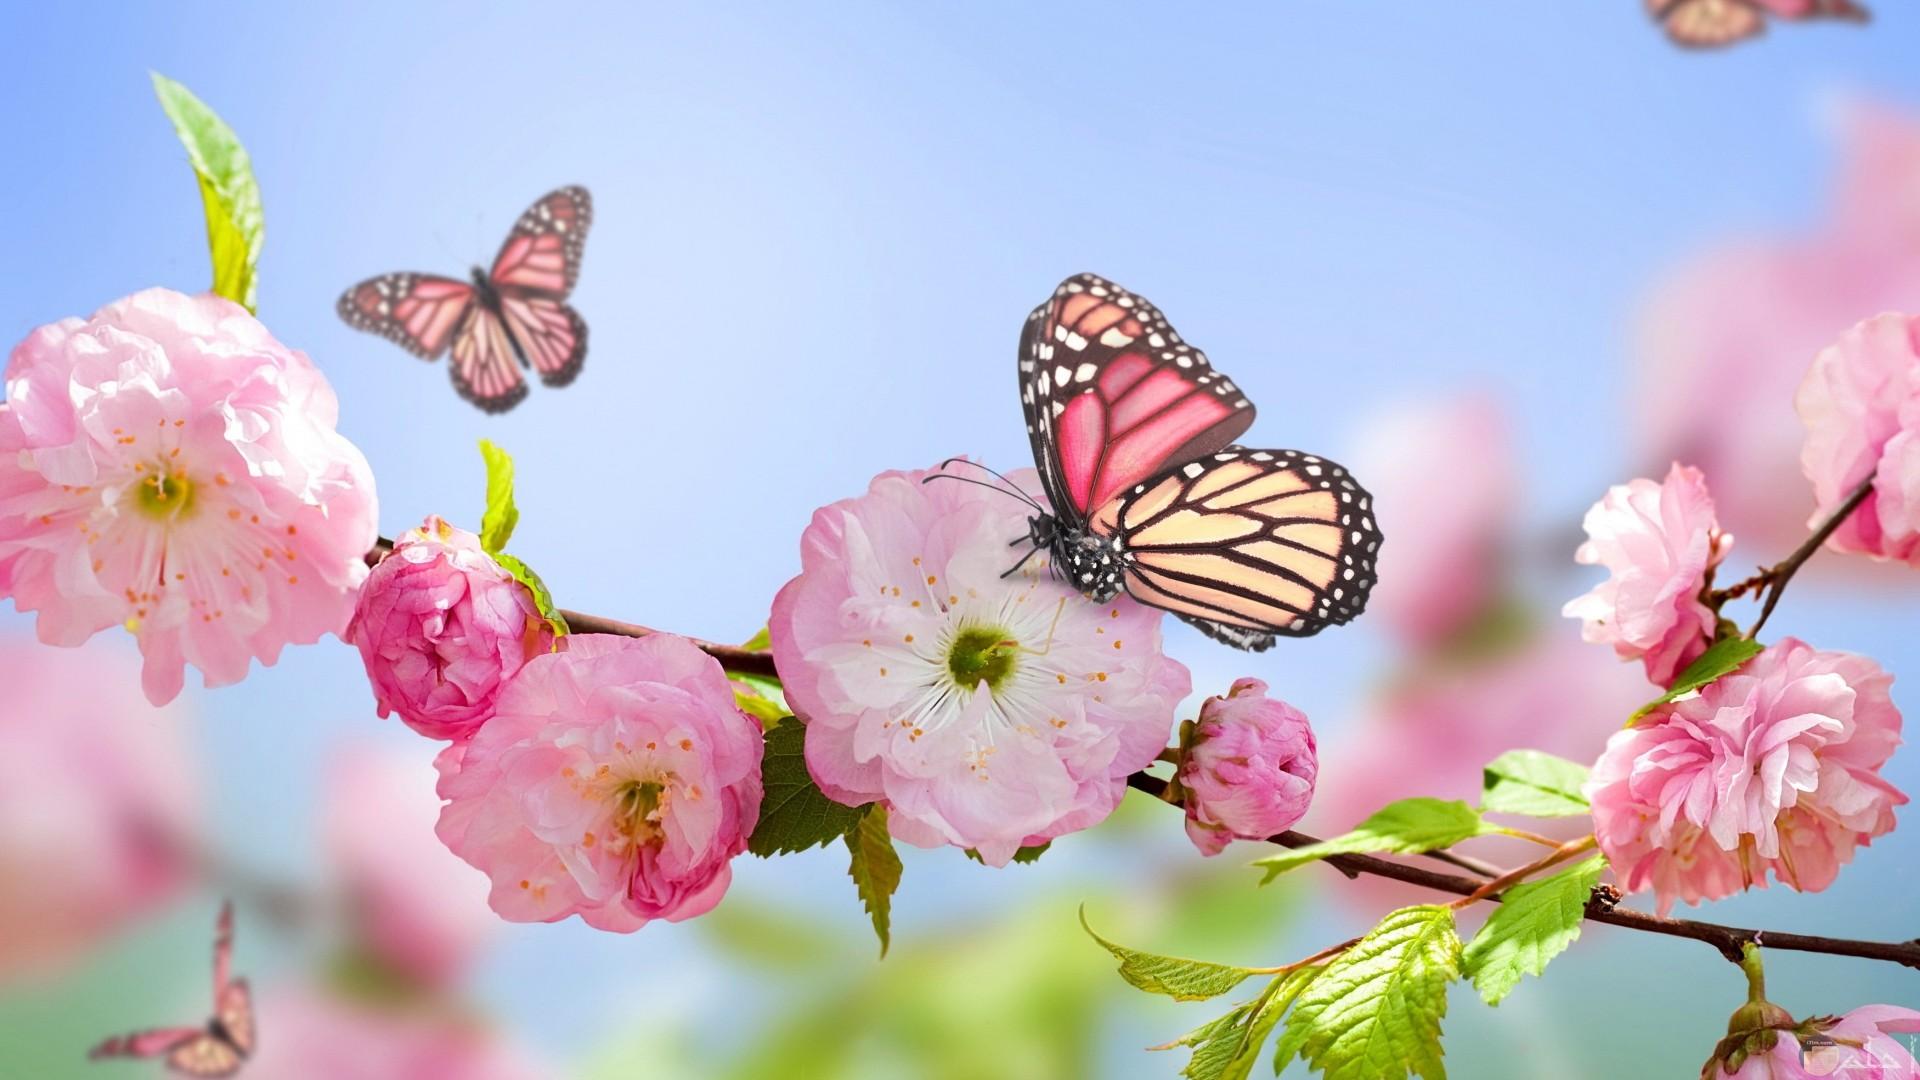 زهور وردية مع فراشات رقيقة